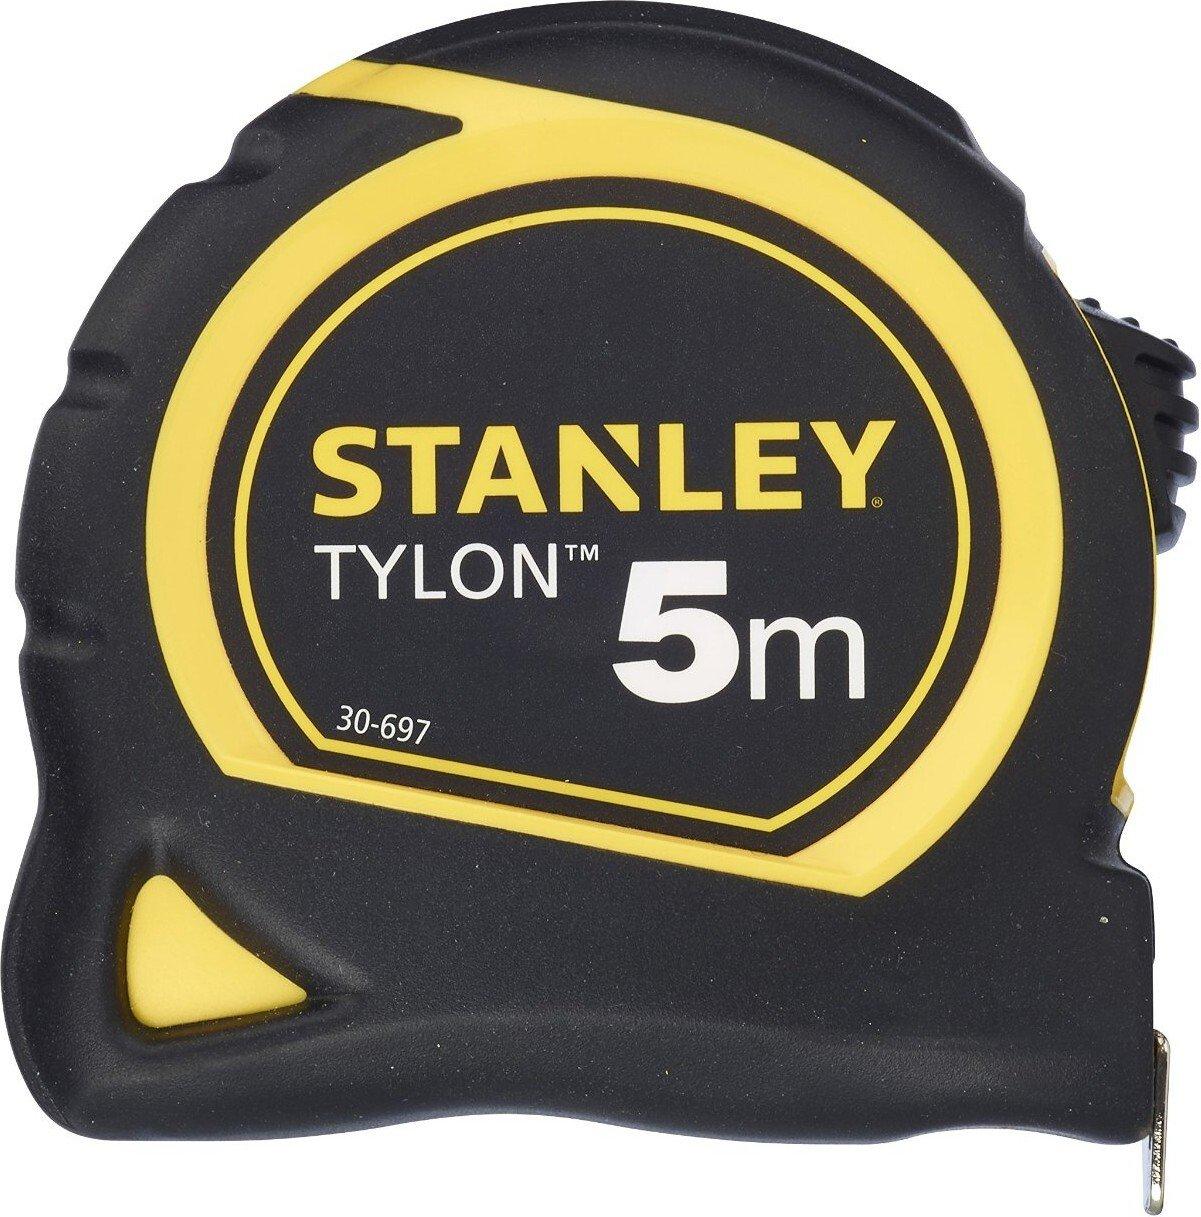 Рулетка измерительная Stanley Tylon 5м (0-30-697) фото 5